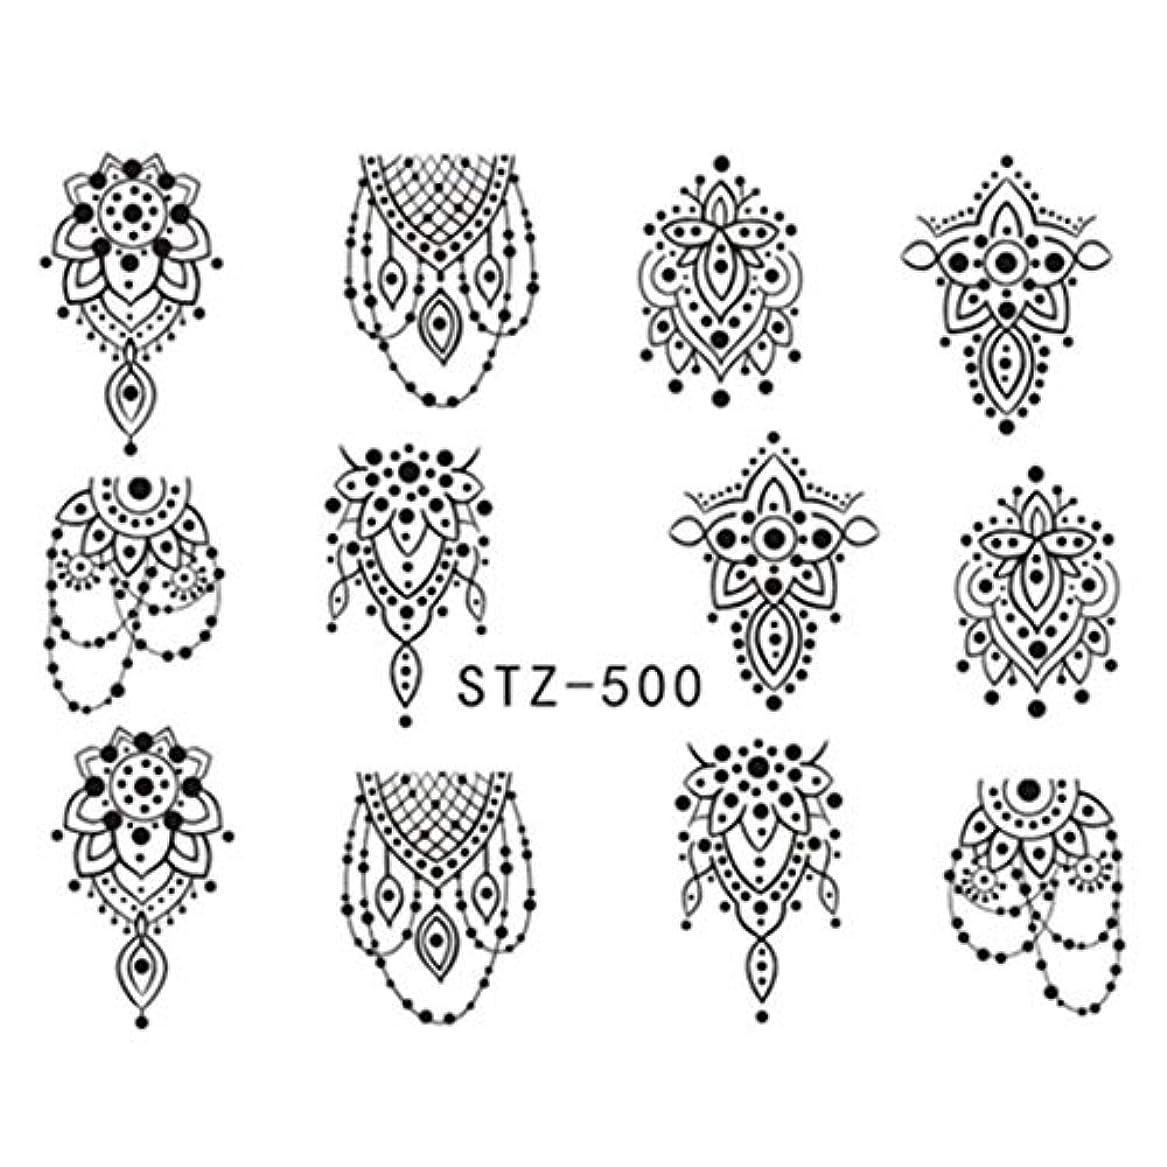 寄託メドレー影響力のあるWadachikis フランスのフランスのアートネックレスの装飾パターンアップリケ(None STZ500)